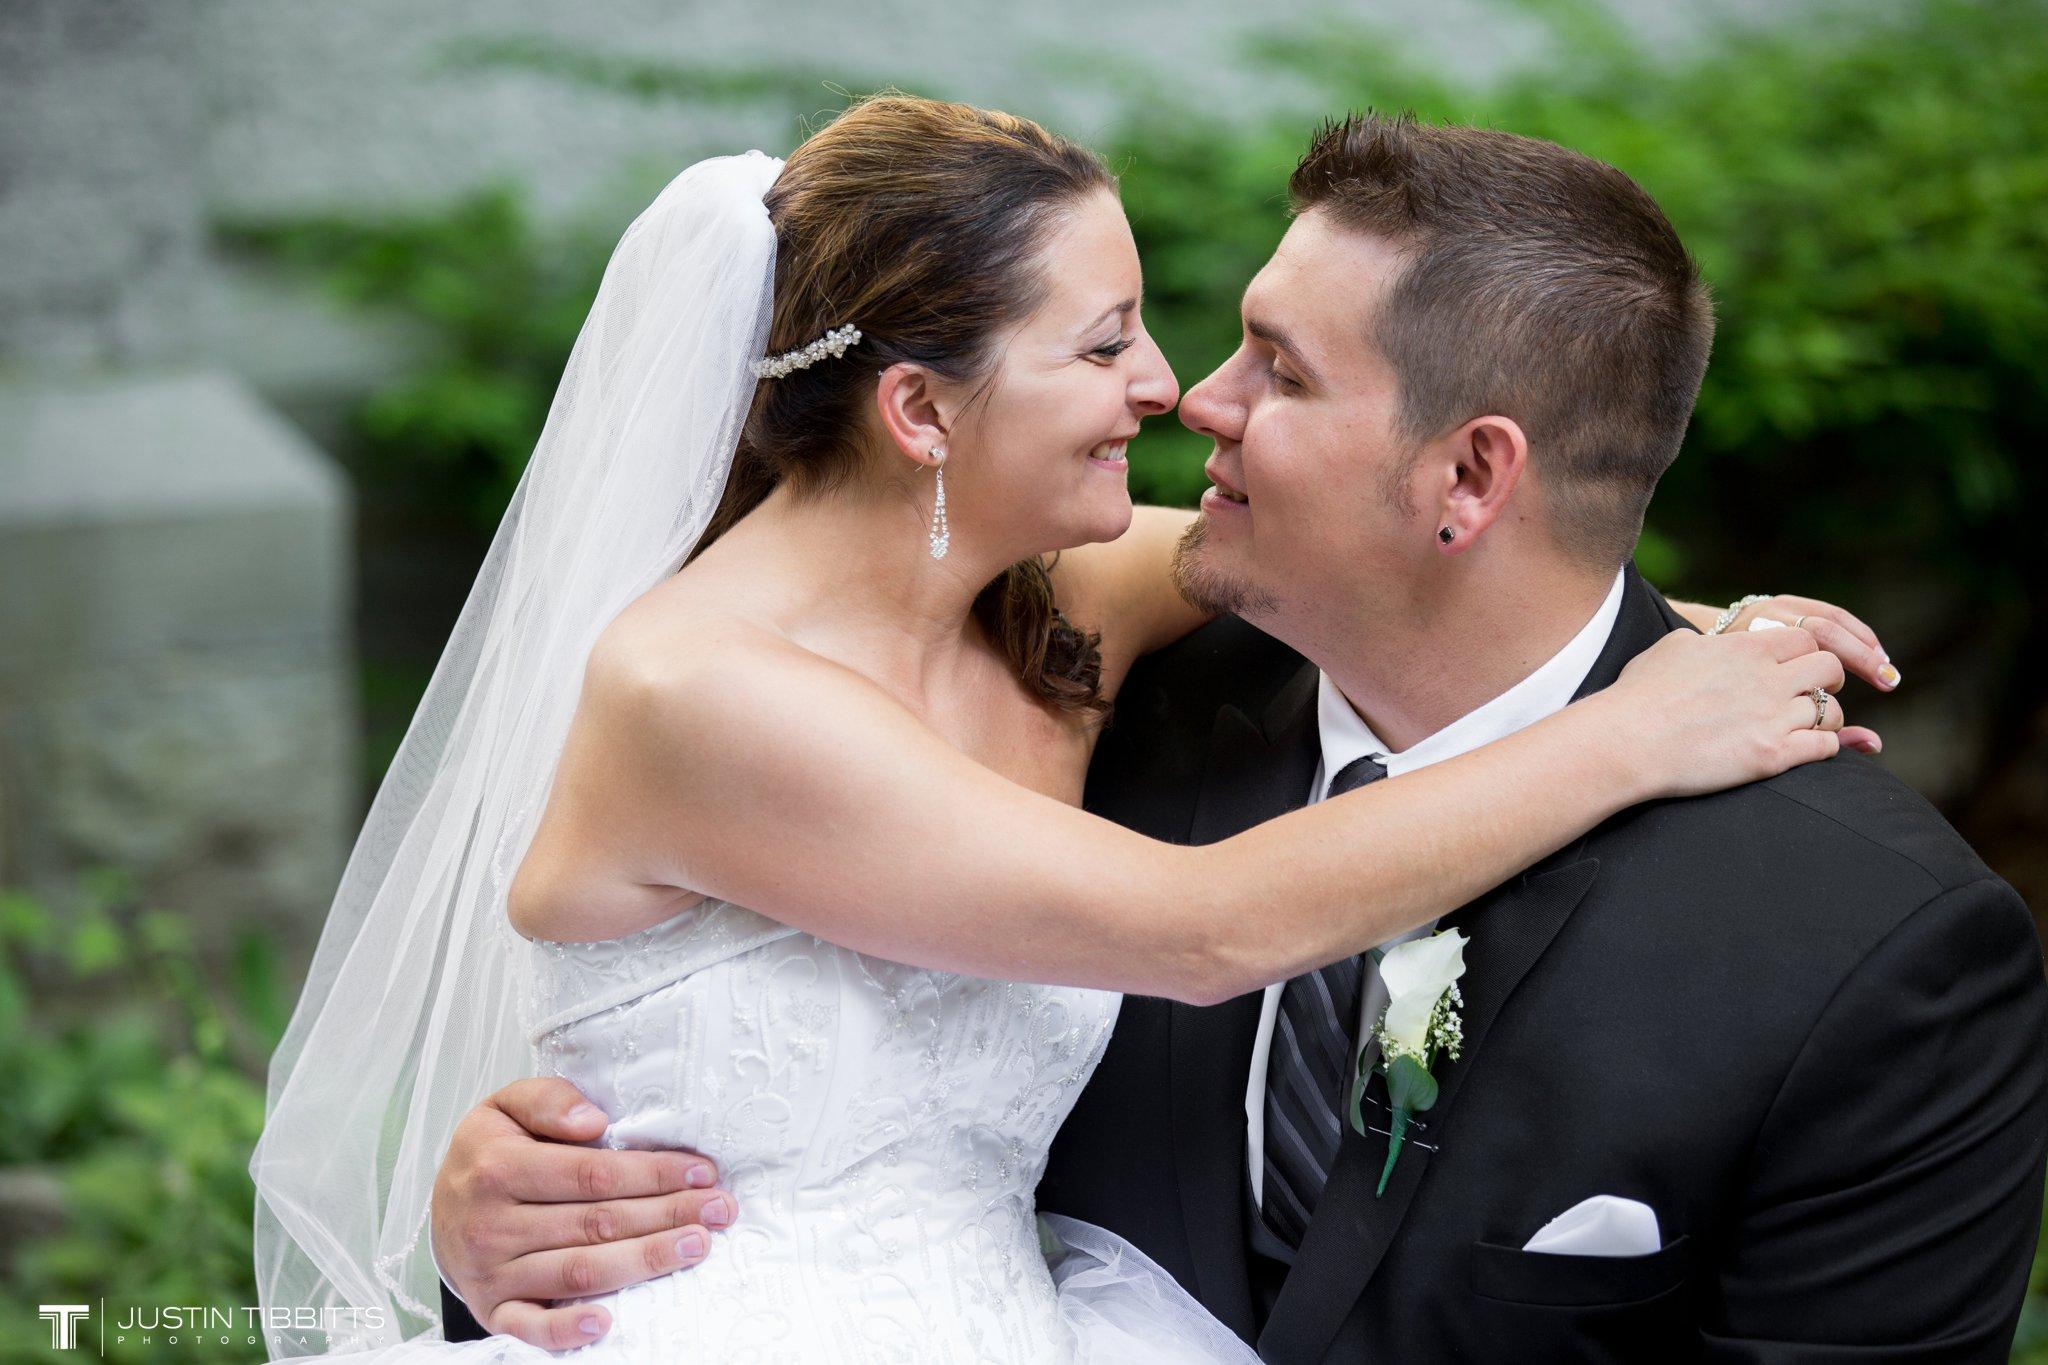 Albany NY Wedding Photographer Justin Tibbitts Photography 2014 Best of Albany NY Weddings-443361